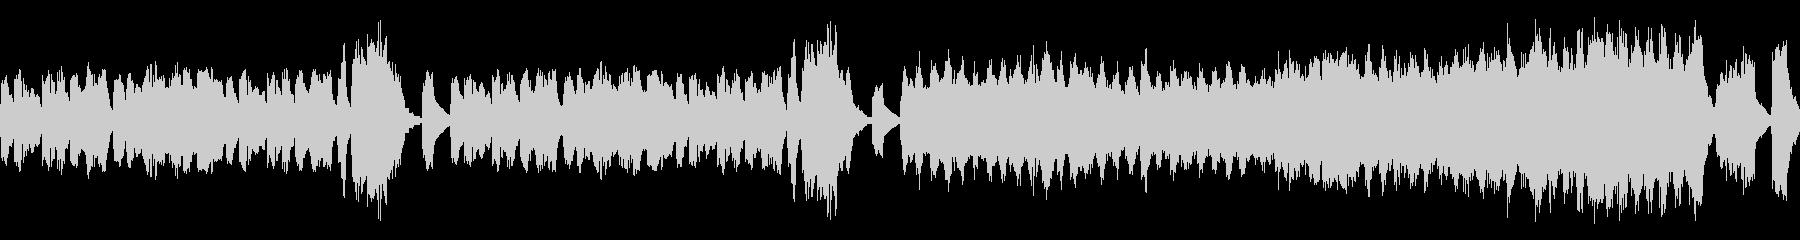 明るいクラシックの未再生の波形